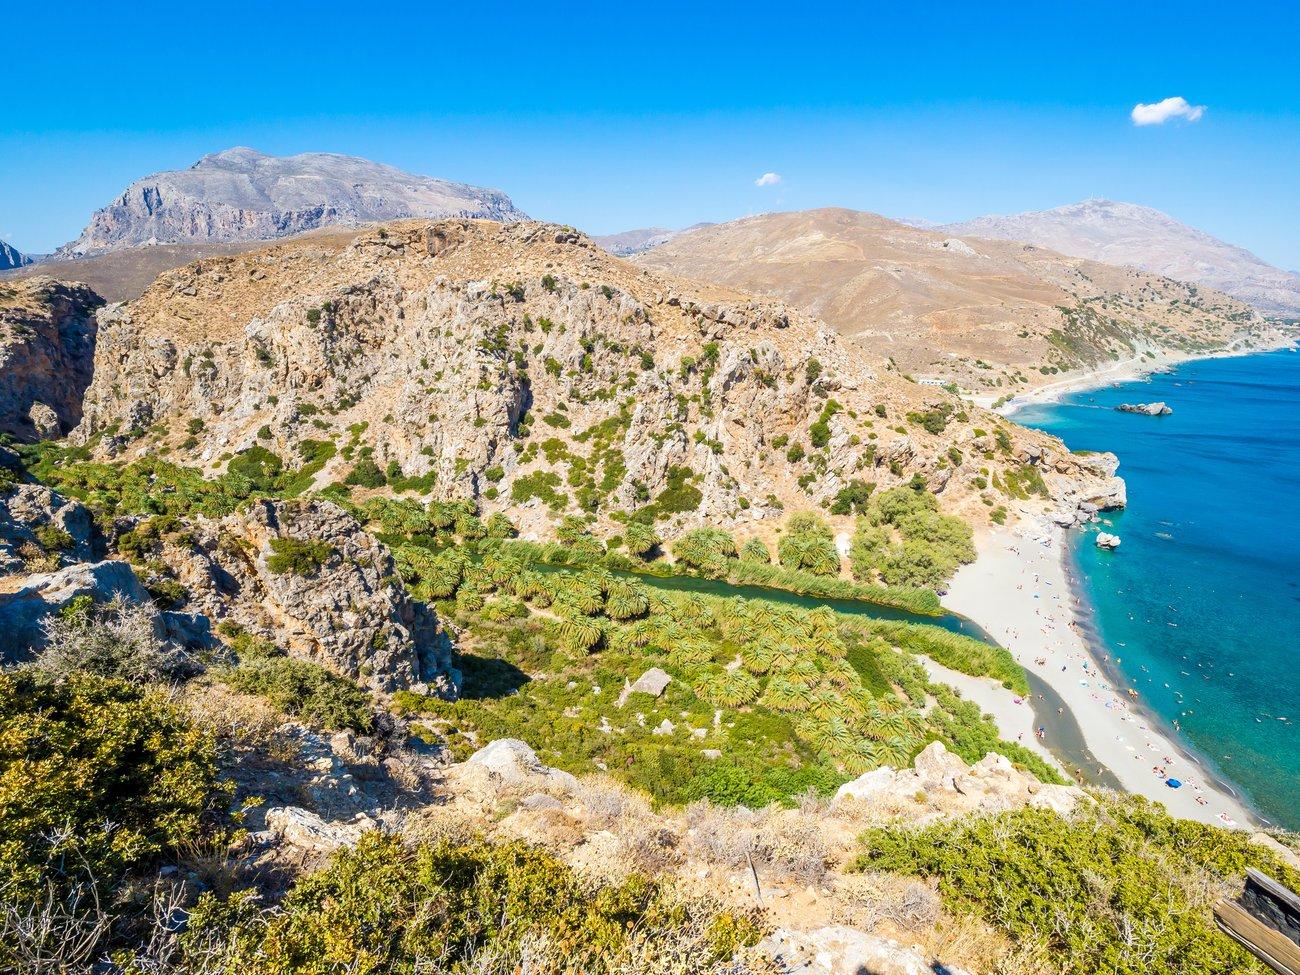 Der Preveli Beach auf Kreta erinnert mit dem vom Palmen gesäumten Süßwasserfluss, der ins Meer mündet, an die Karibik.